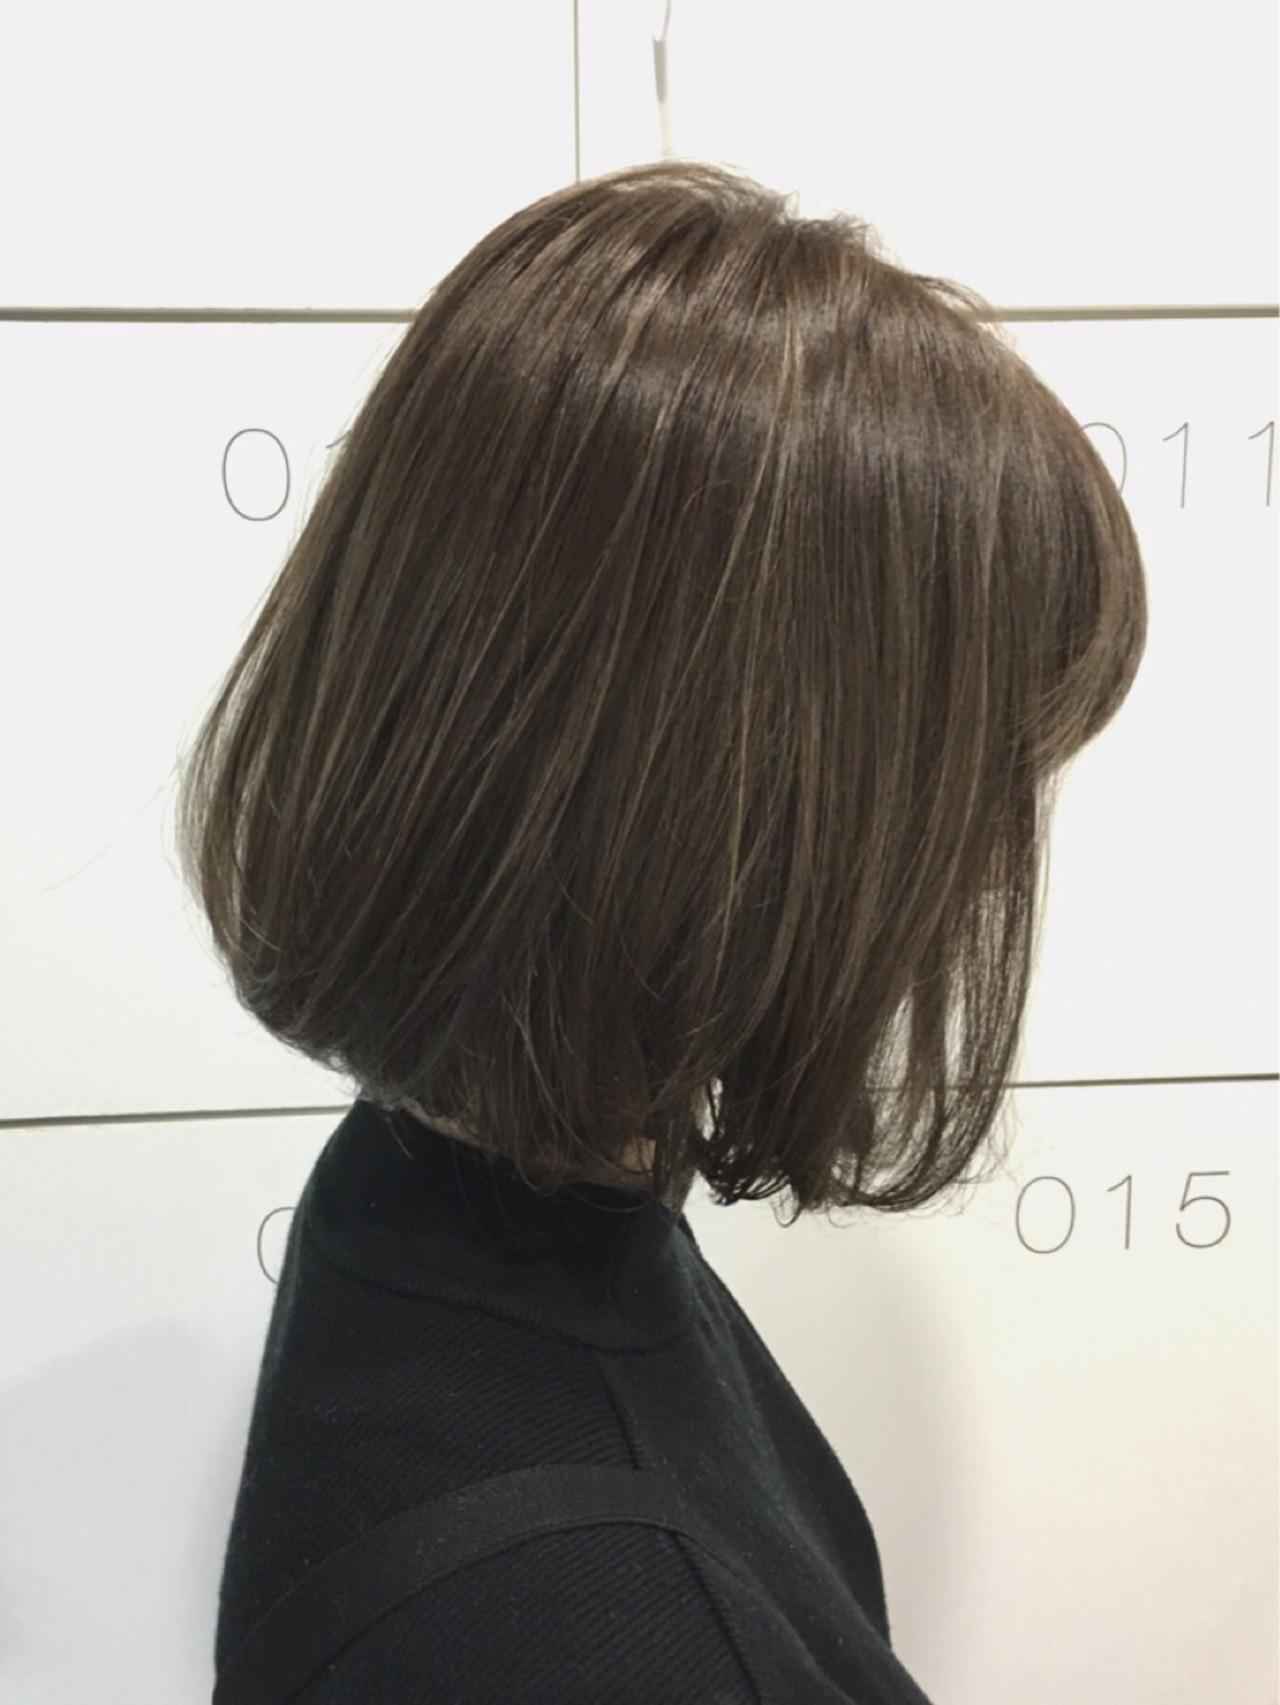 ナチュラル アッシュグレー グレージュ アッシュグレージュヘアスタイルや髪型の写真・画像